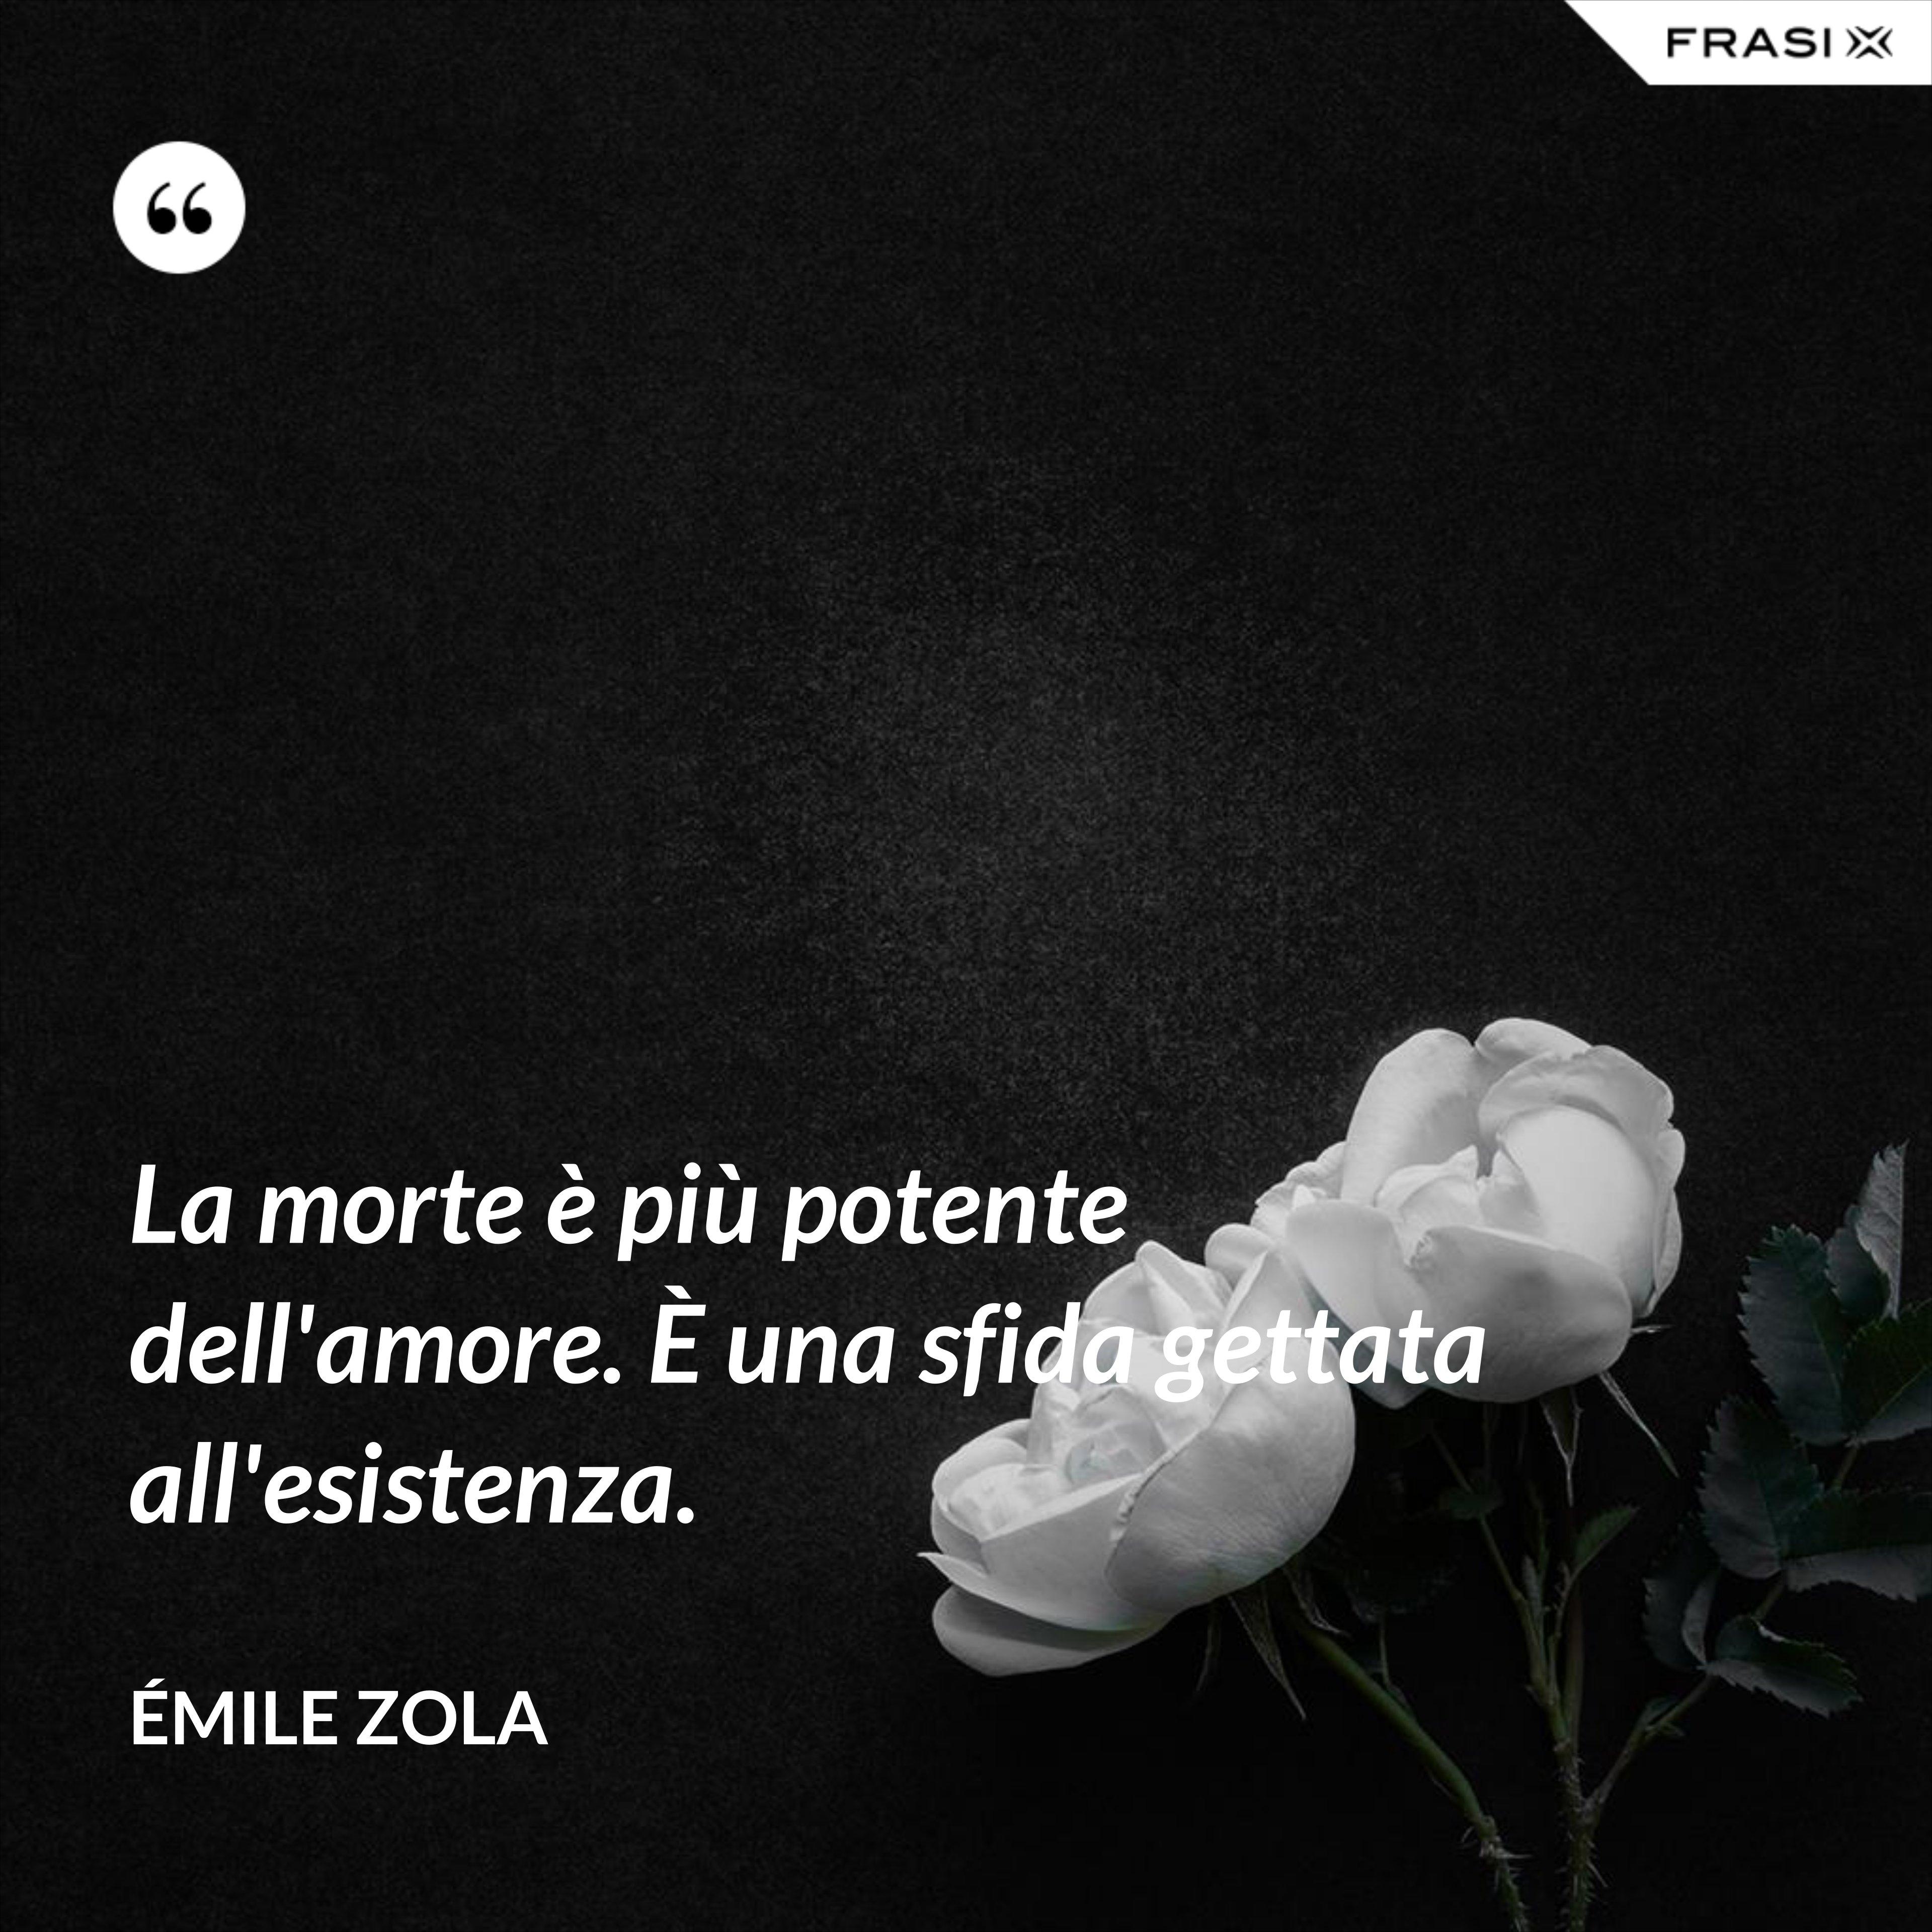 La morte è più potente dell'amore. È una sfida gettata all'esistenza. - Émile Zola